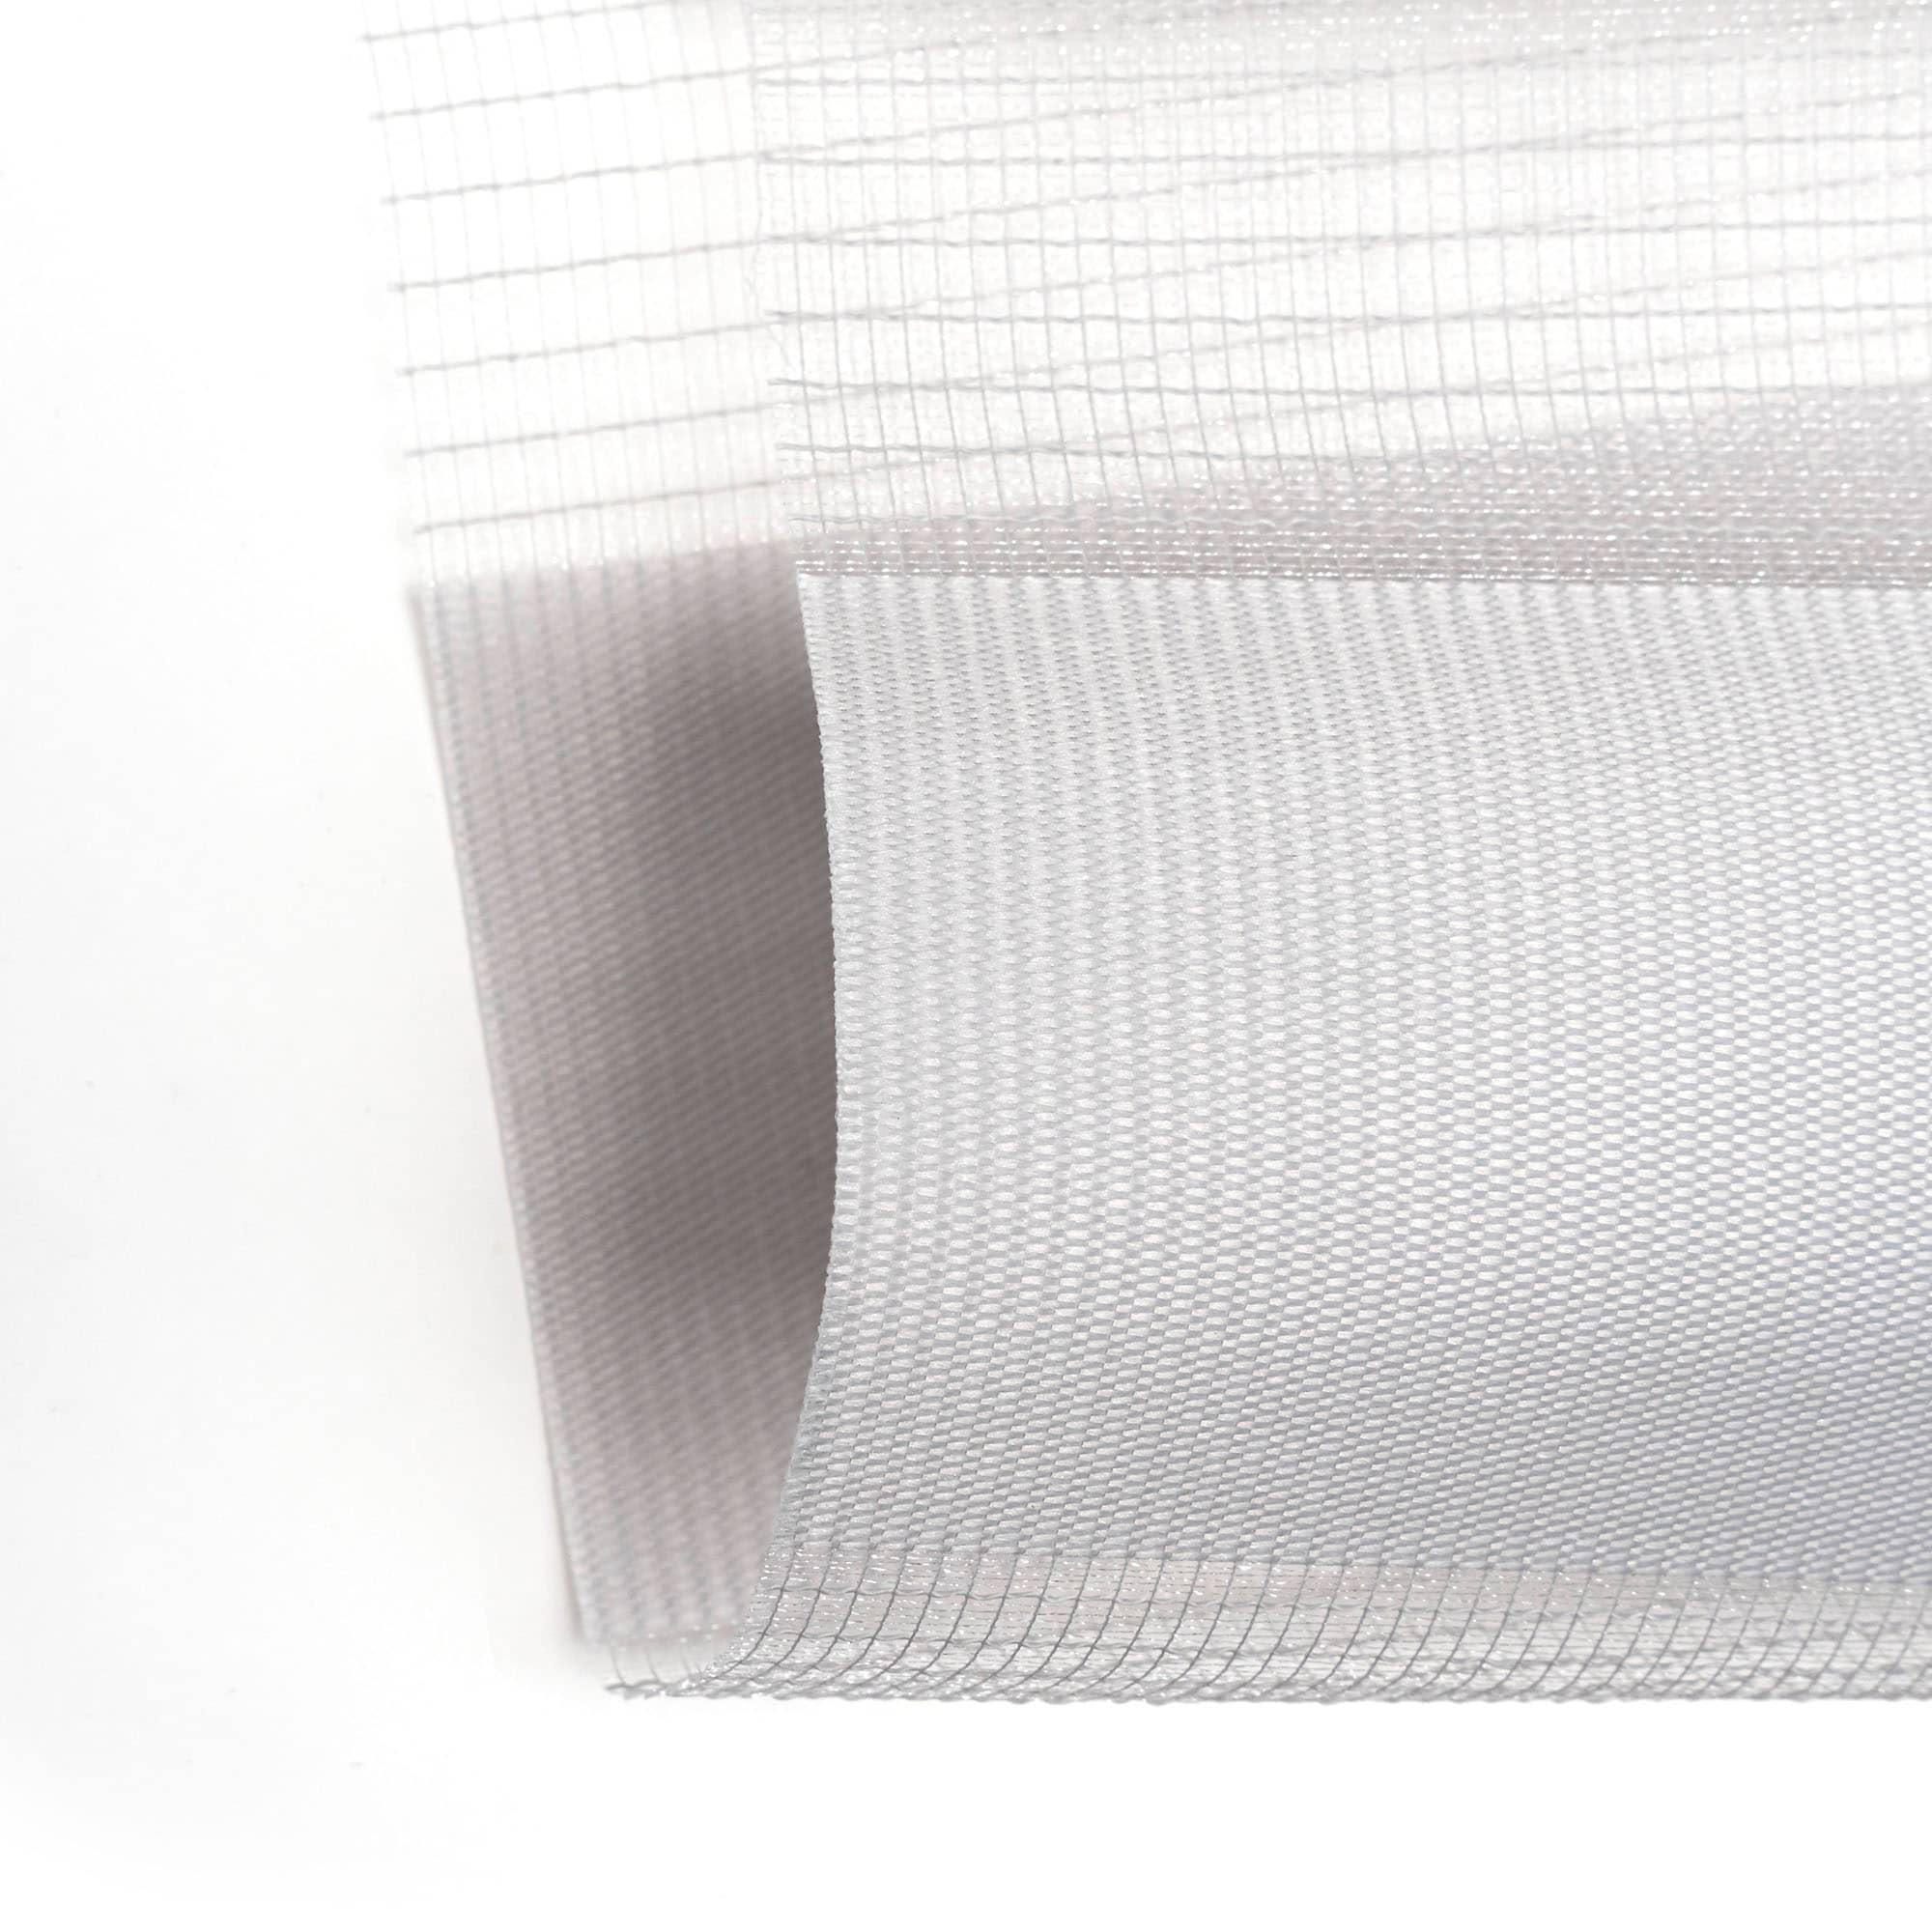 klemmfix doppelrollo duo rollo 65 x 150cm grau victoria m. Black Bedroom Furniture Sets. Home Design Ideas